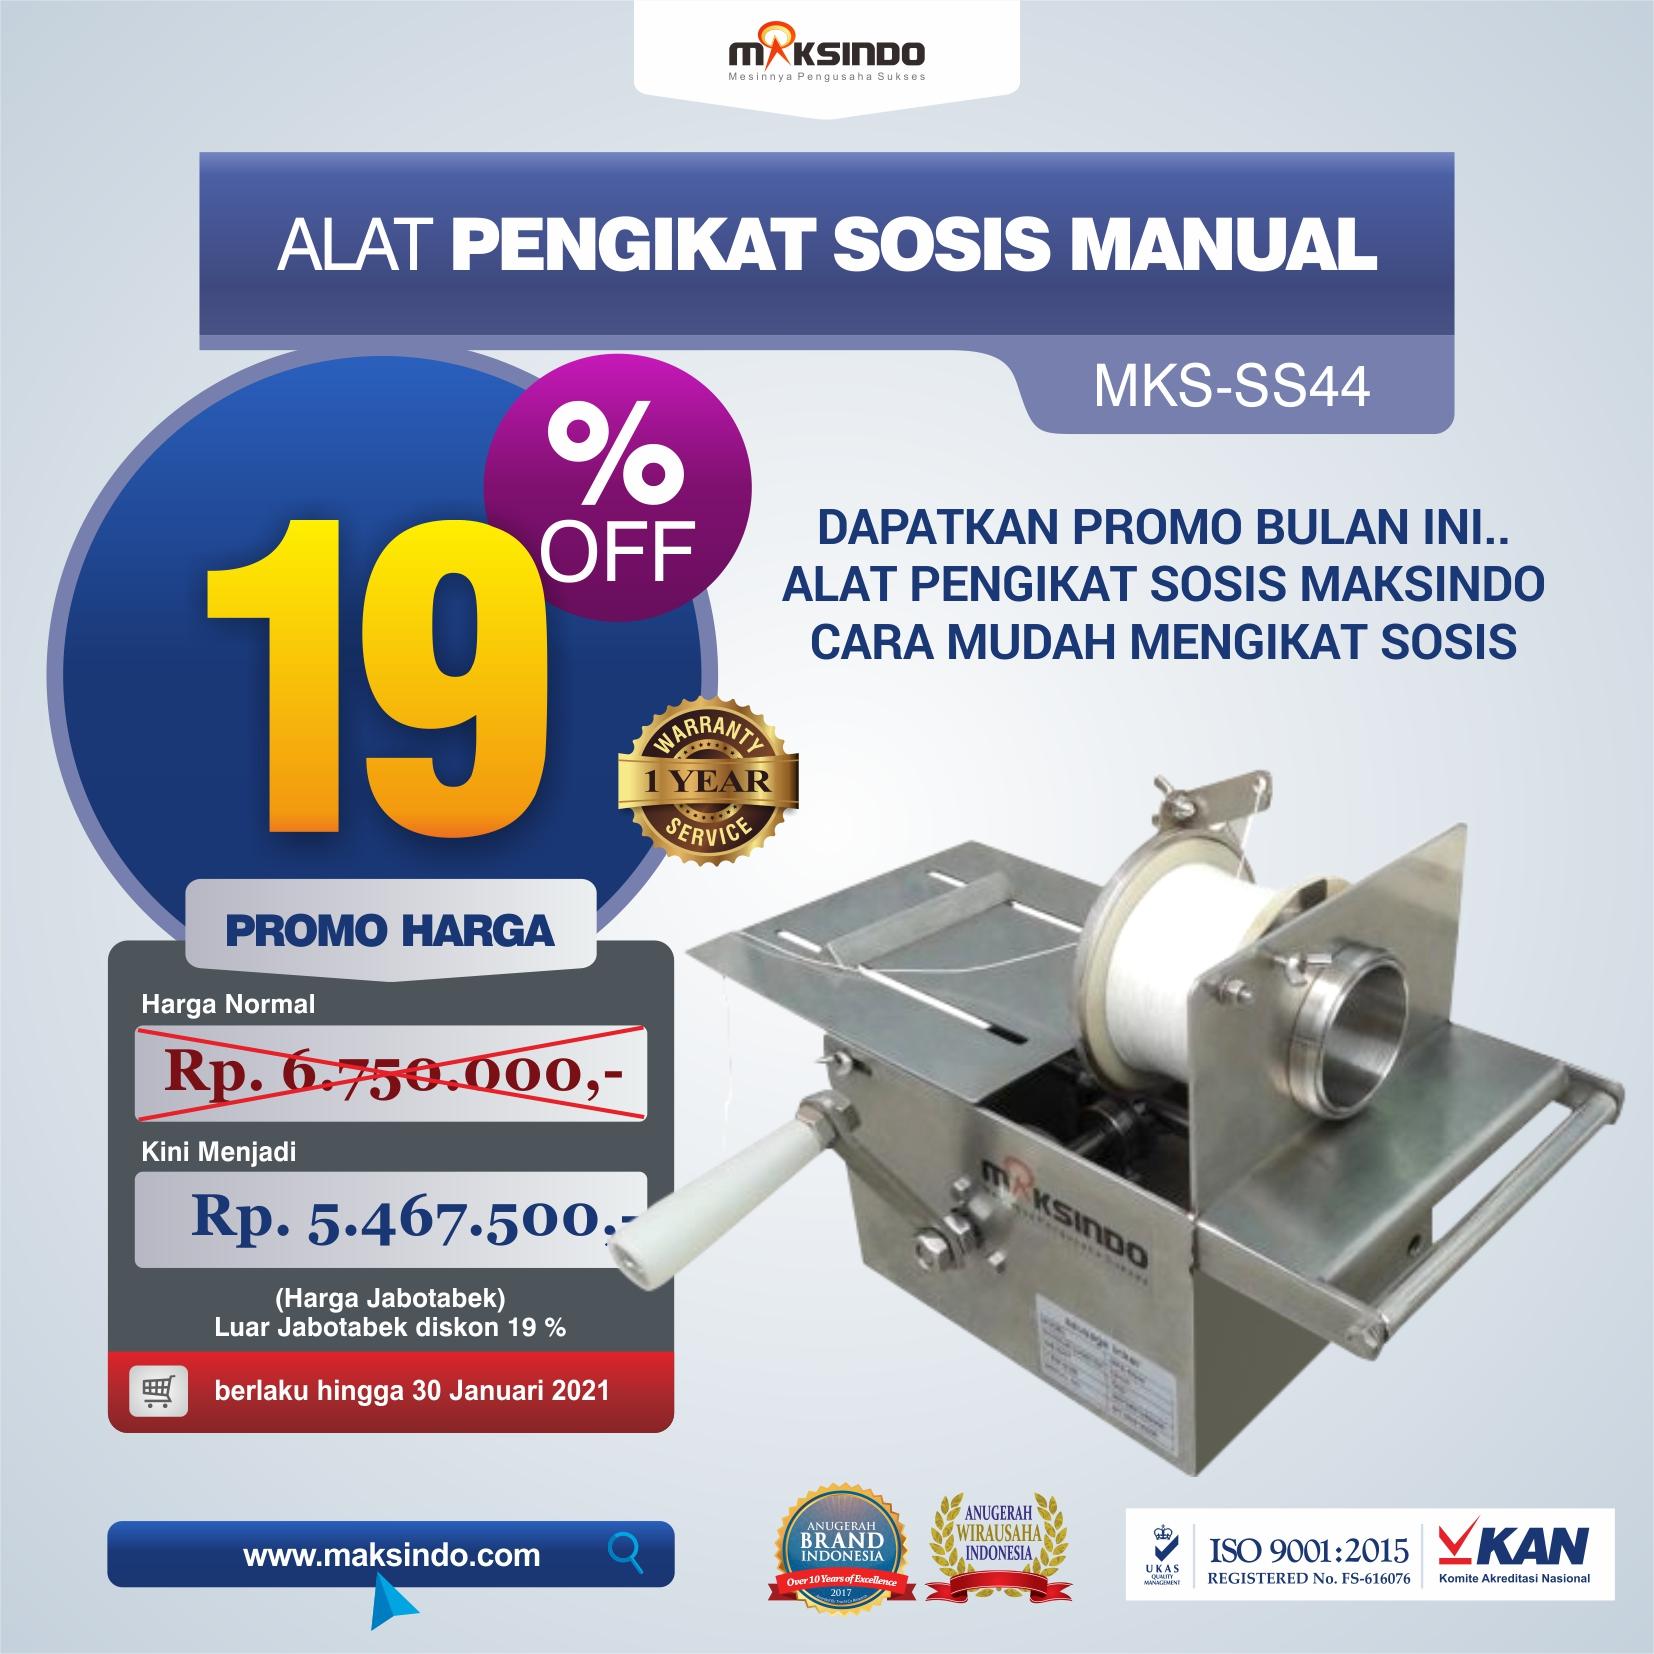 Jual Alat Pengikat Sosis Manual (MKS-SS44) di Semarang